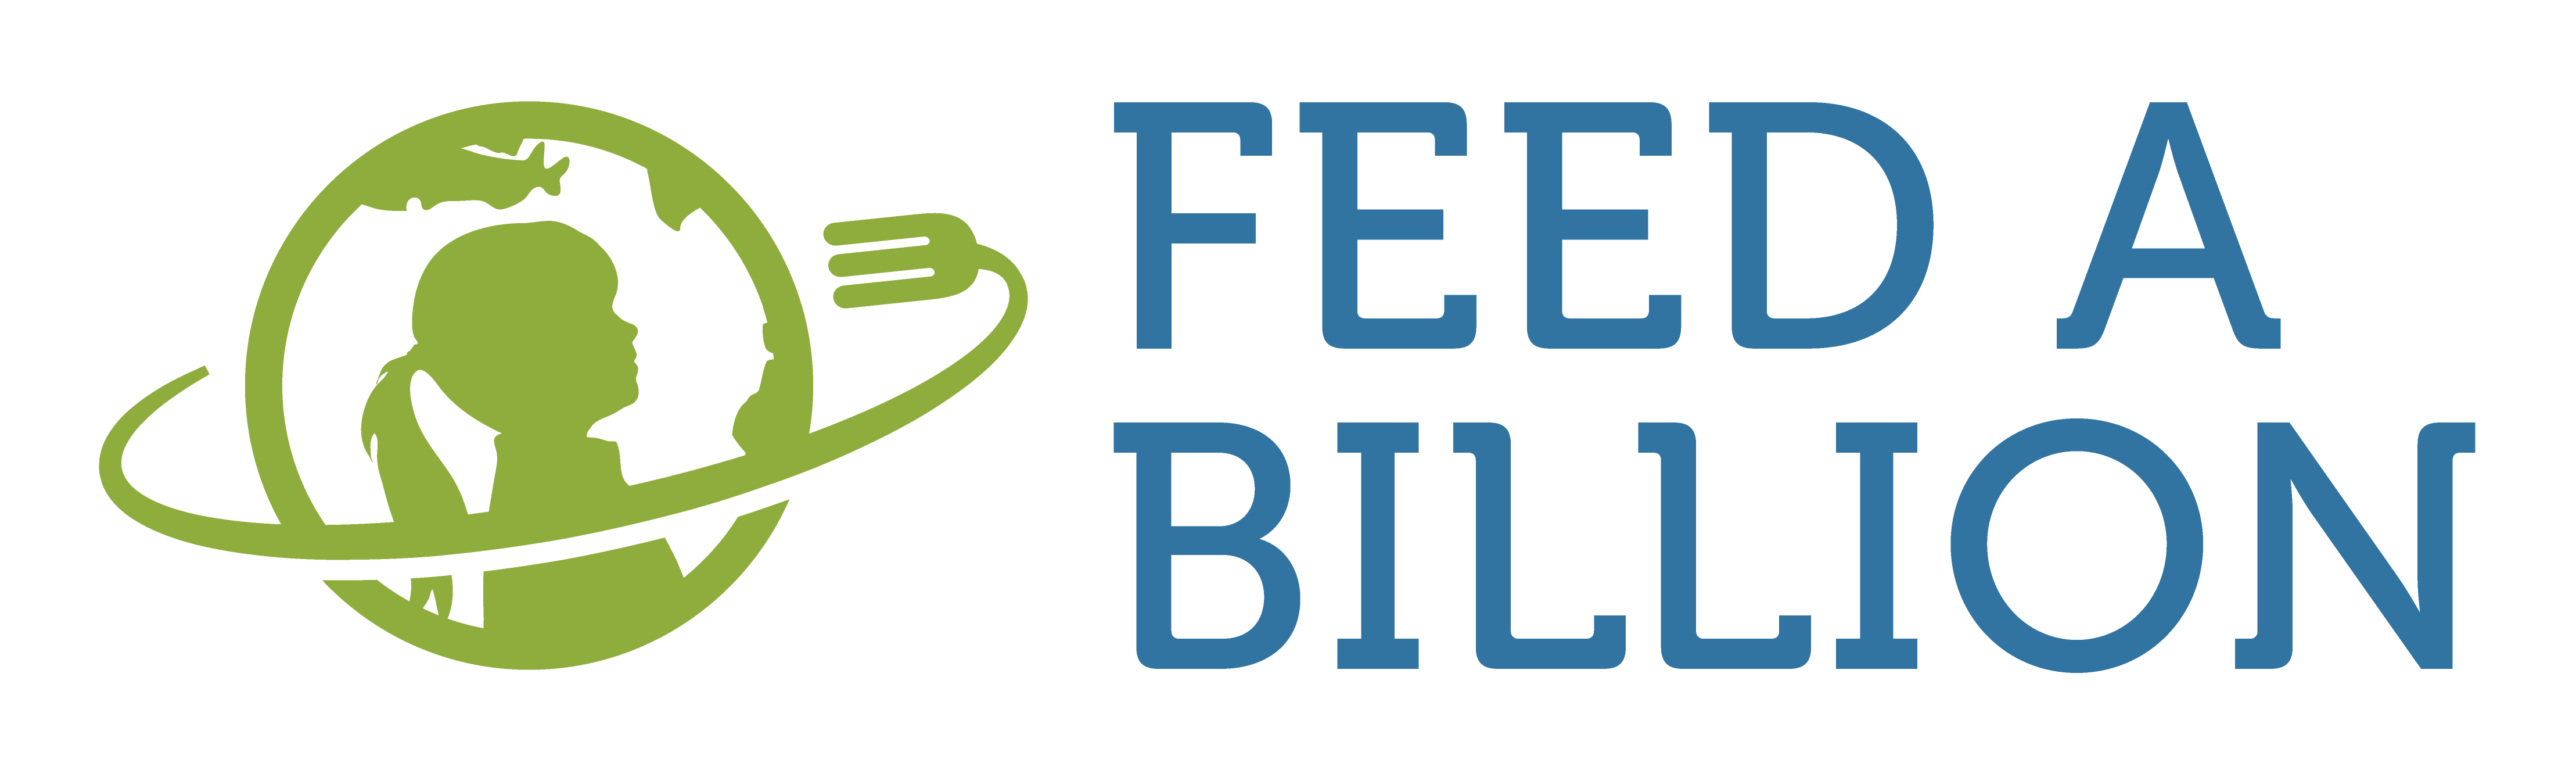 Feed a Billion